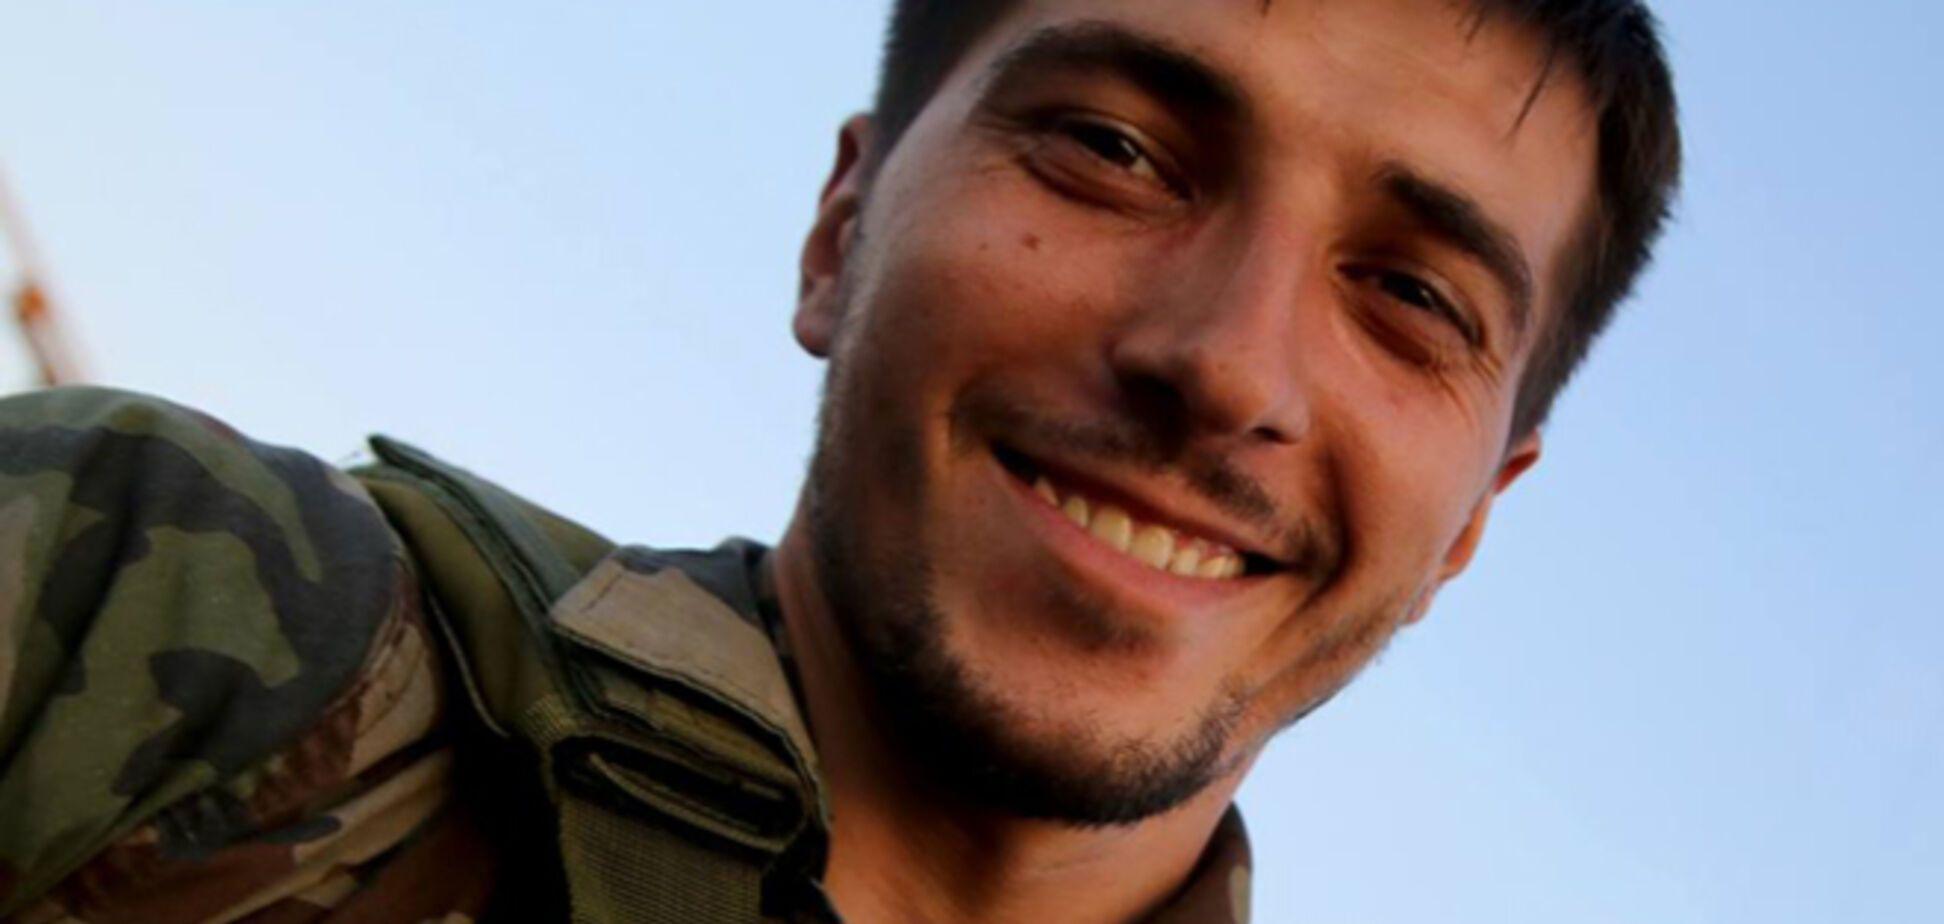 В зоне АТО погиб фотокорреспондент - боец 'Айдара': в тот момент он спасал раненых